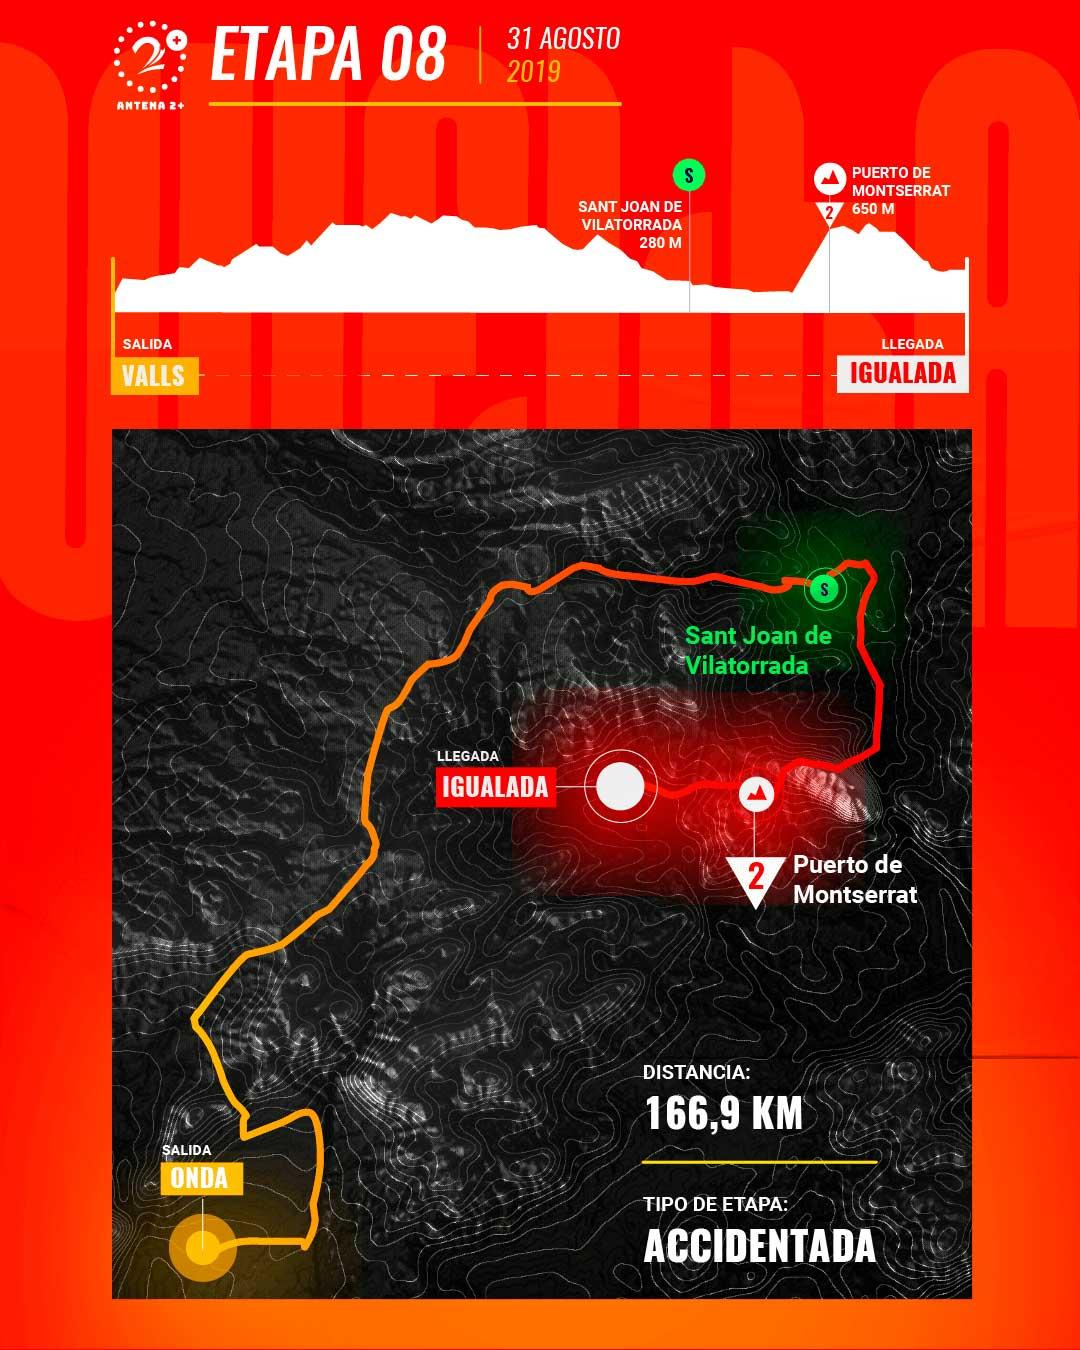 Etapa 8, Vuelta a España 2019